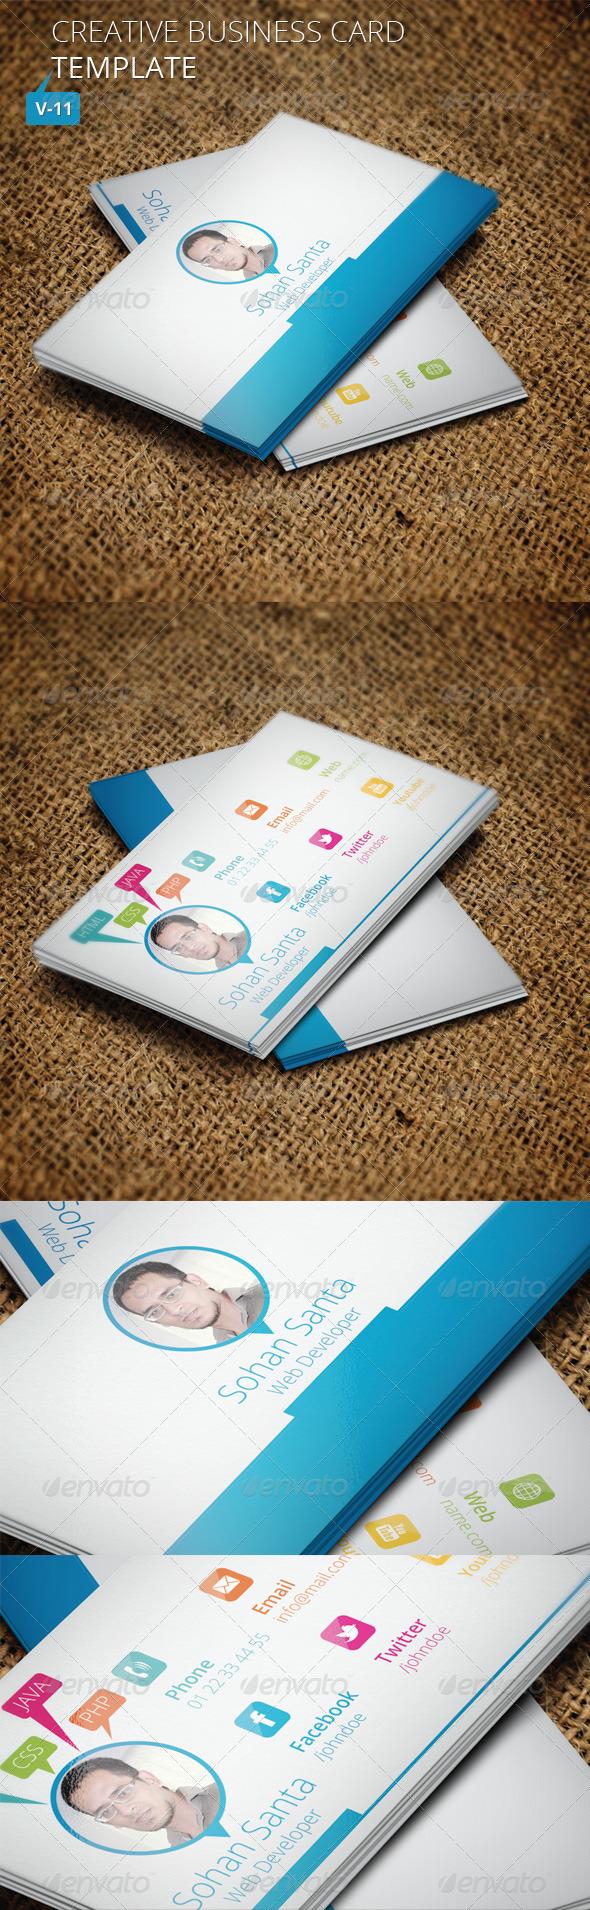 GraphicRiver Creative Business Card V 11 6134821